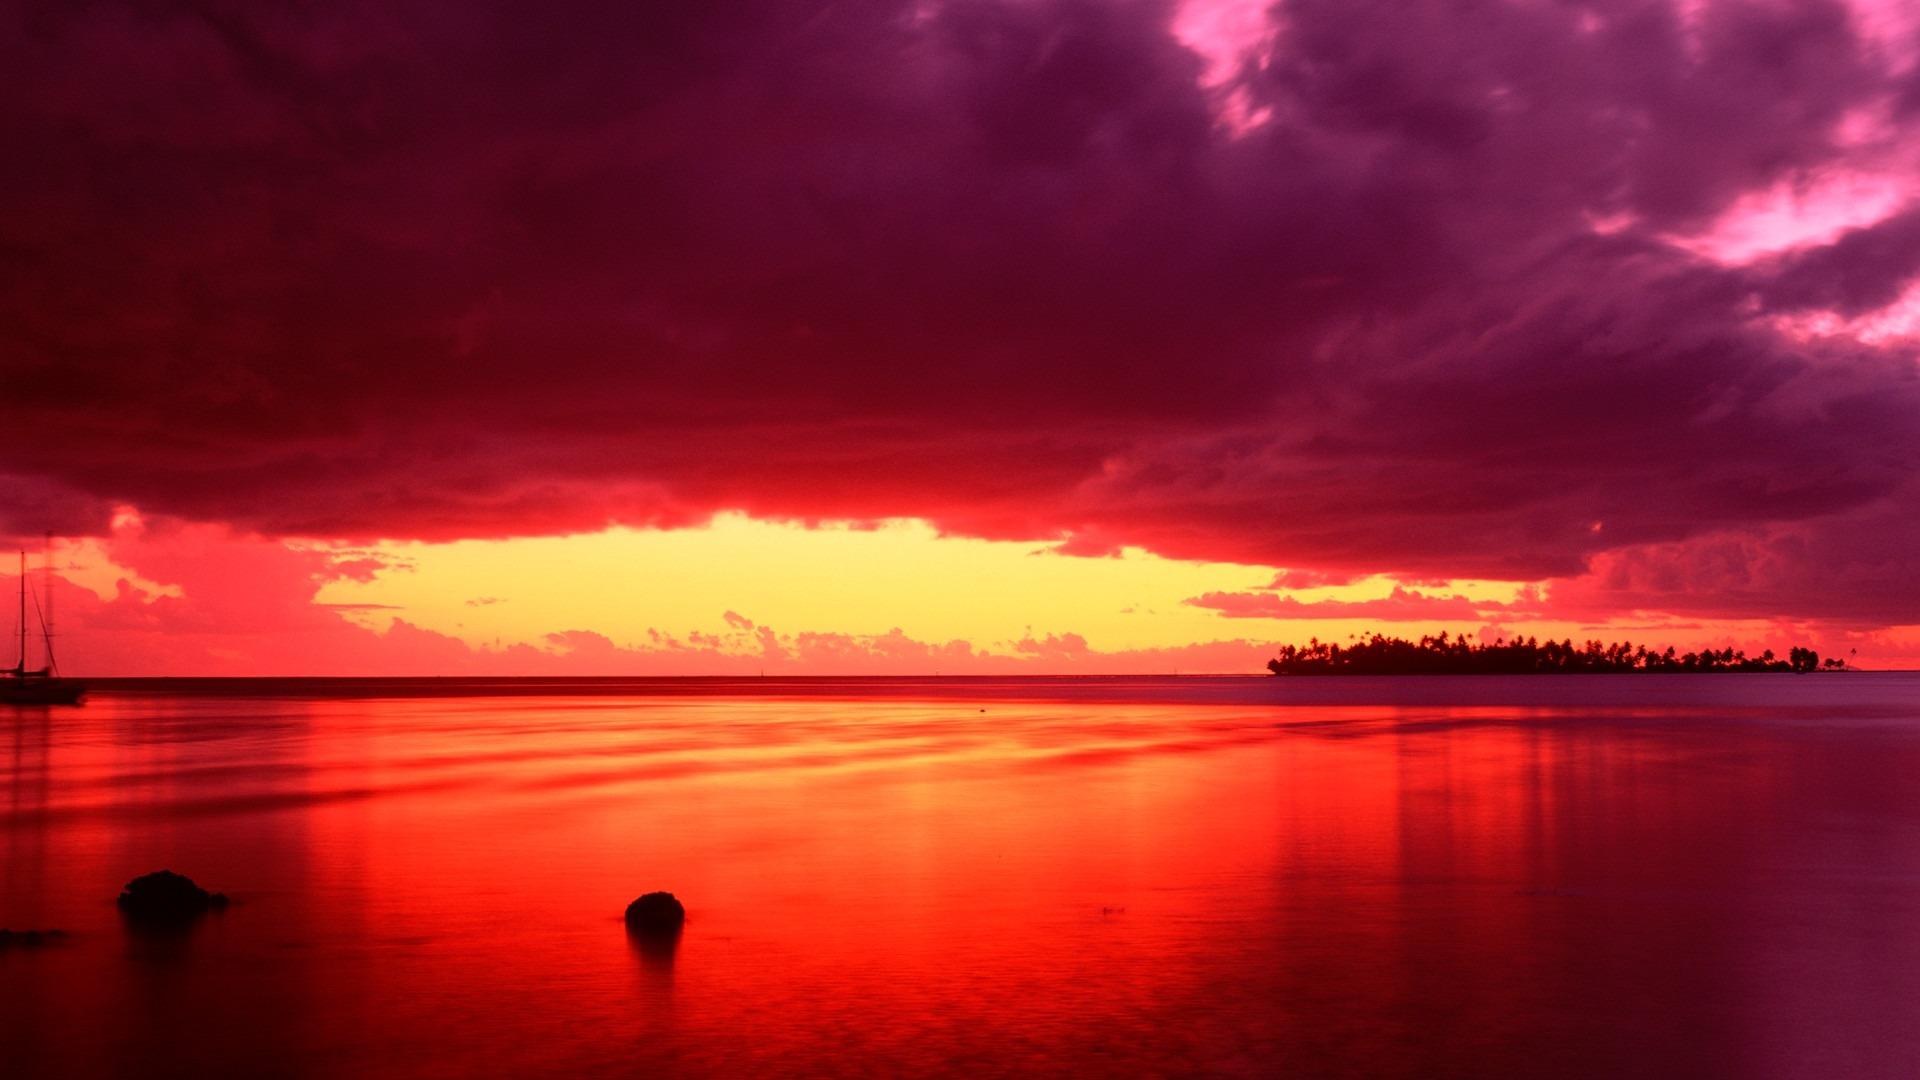 En mer rouge brillant fond d&39;écran coucher de soleil ...